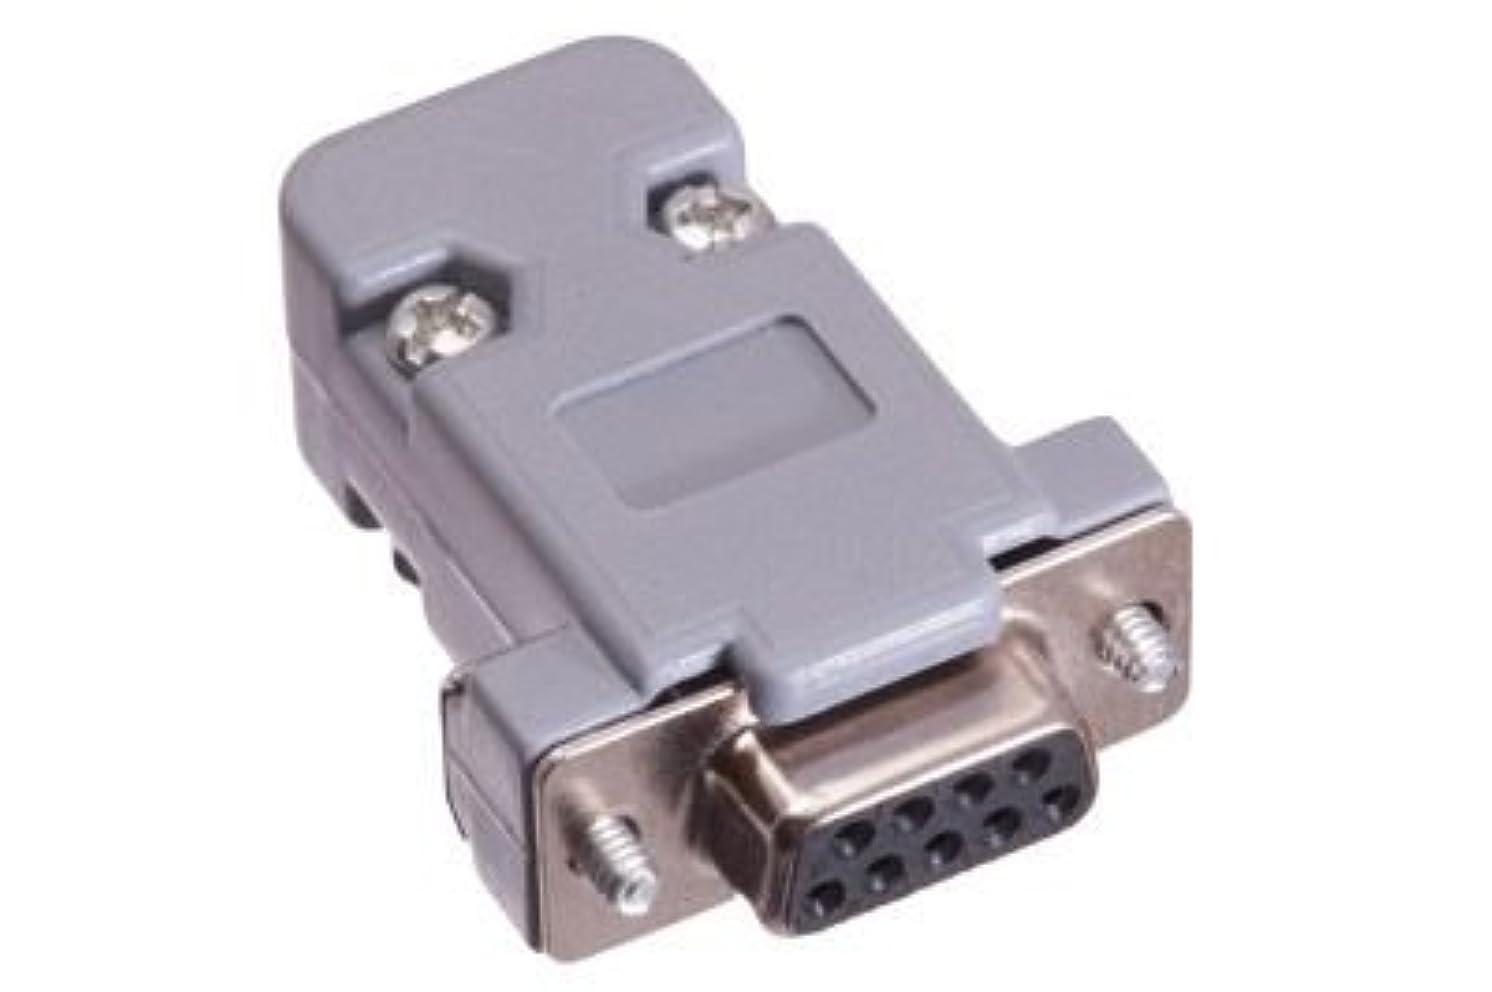 ECore Cables 1100 DB9 Female Crimp Connector Kit - Plastic